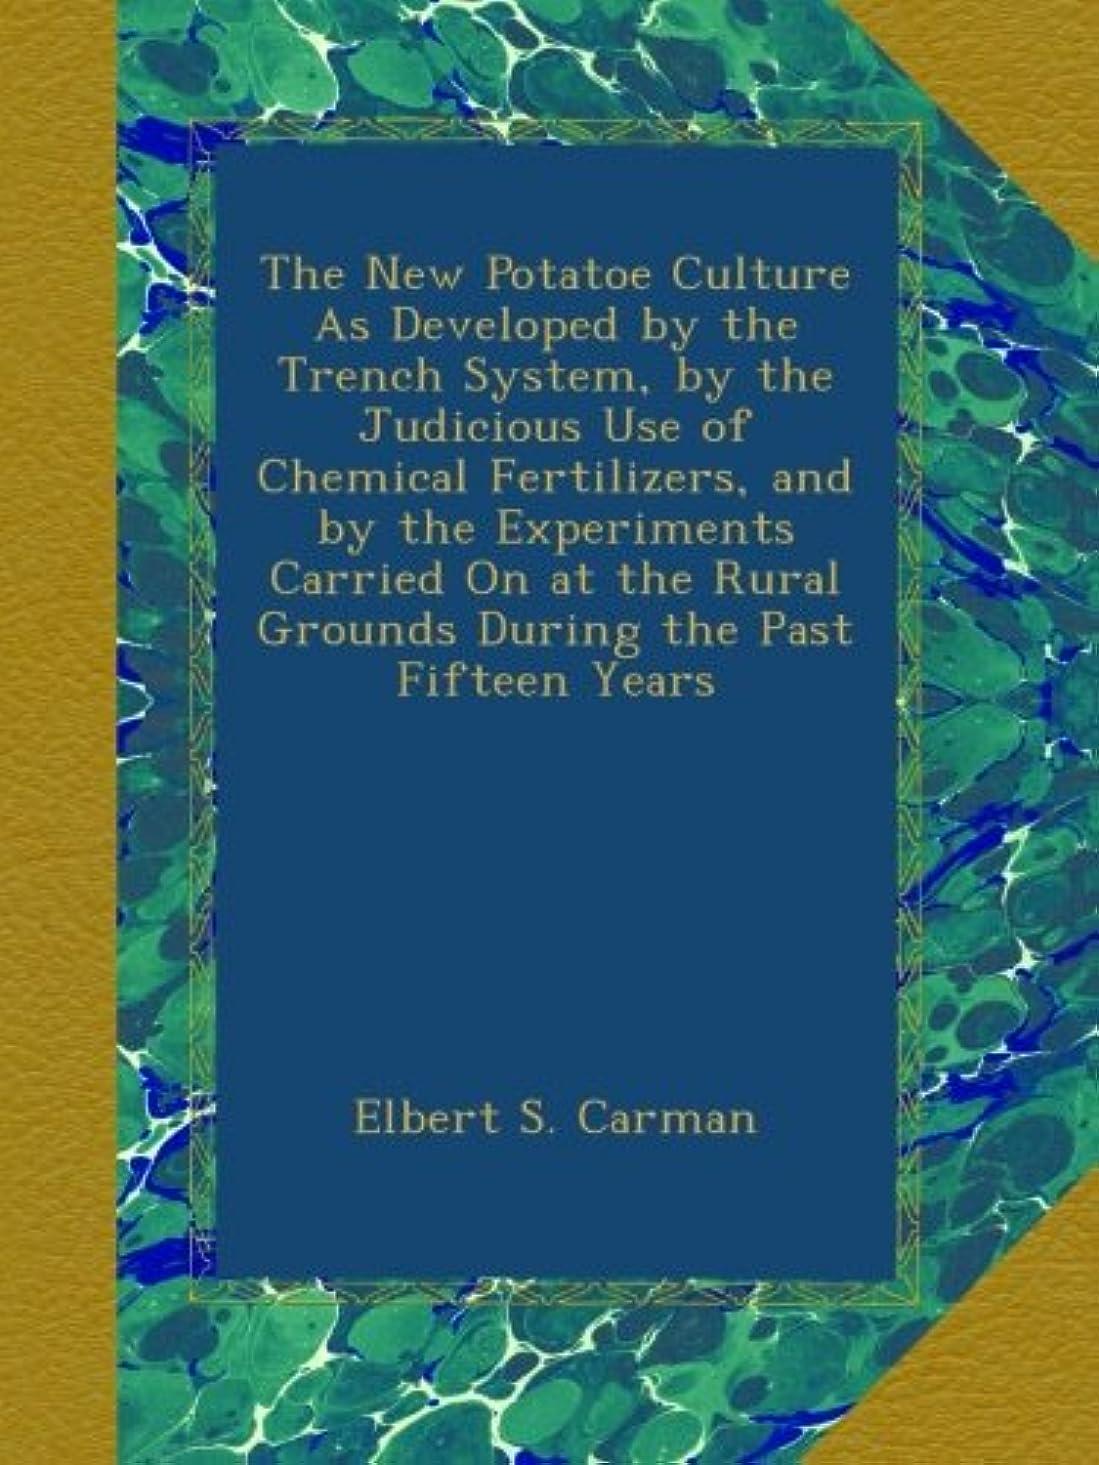 見込みピーブ娯楽The New Potatoe Culture As Developed by the Trench System, by the Judicious Use of Chemical Fertilizers, and by the Experiments Carried On at the Rural Grounds During the Past Fifteen Years